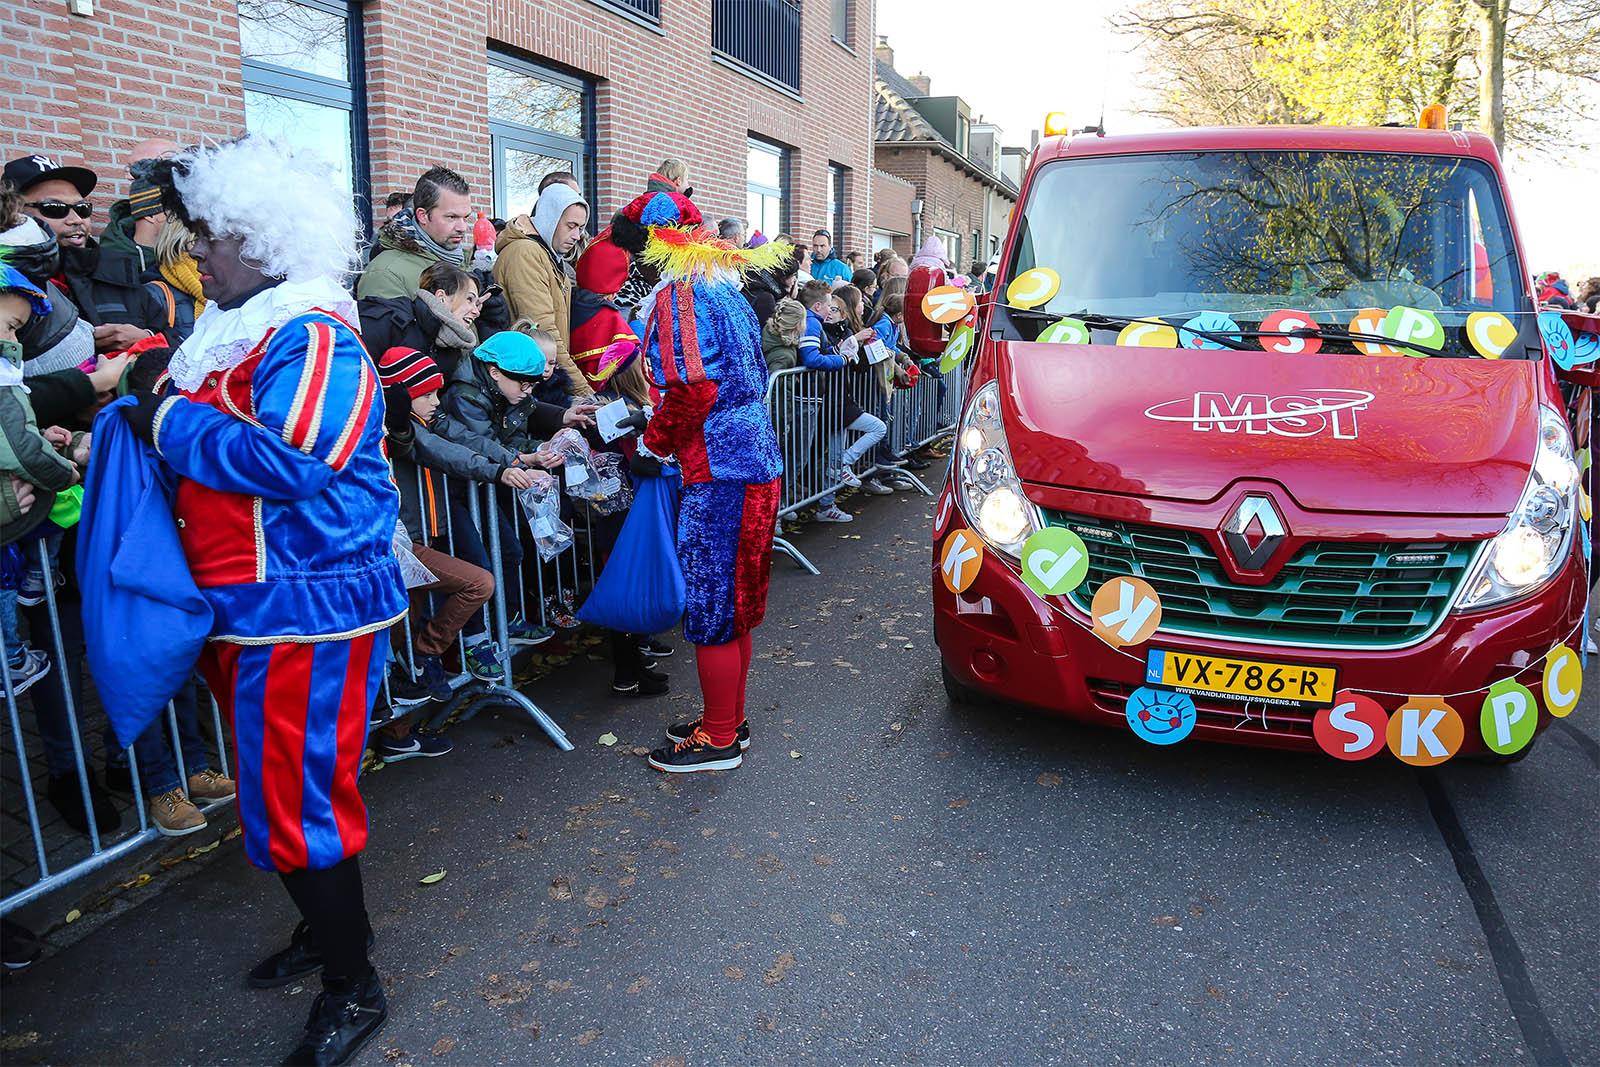 culemborg intocht sinterklaas 2018_0008_©John Verhagen-Sinterklaas 2018-0324.jpg